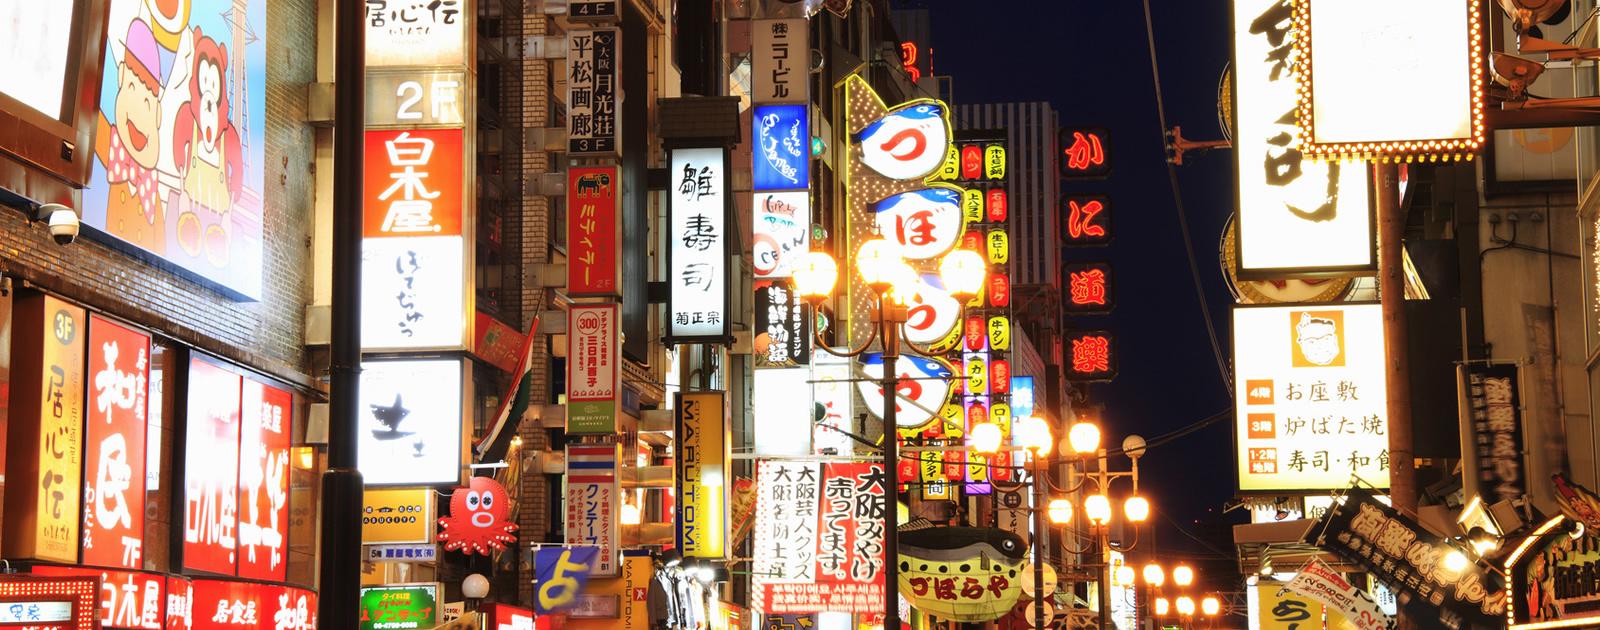 大阪都構想の否決で考えた現代人に足りない「吉田松陰マインド」